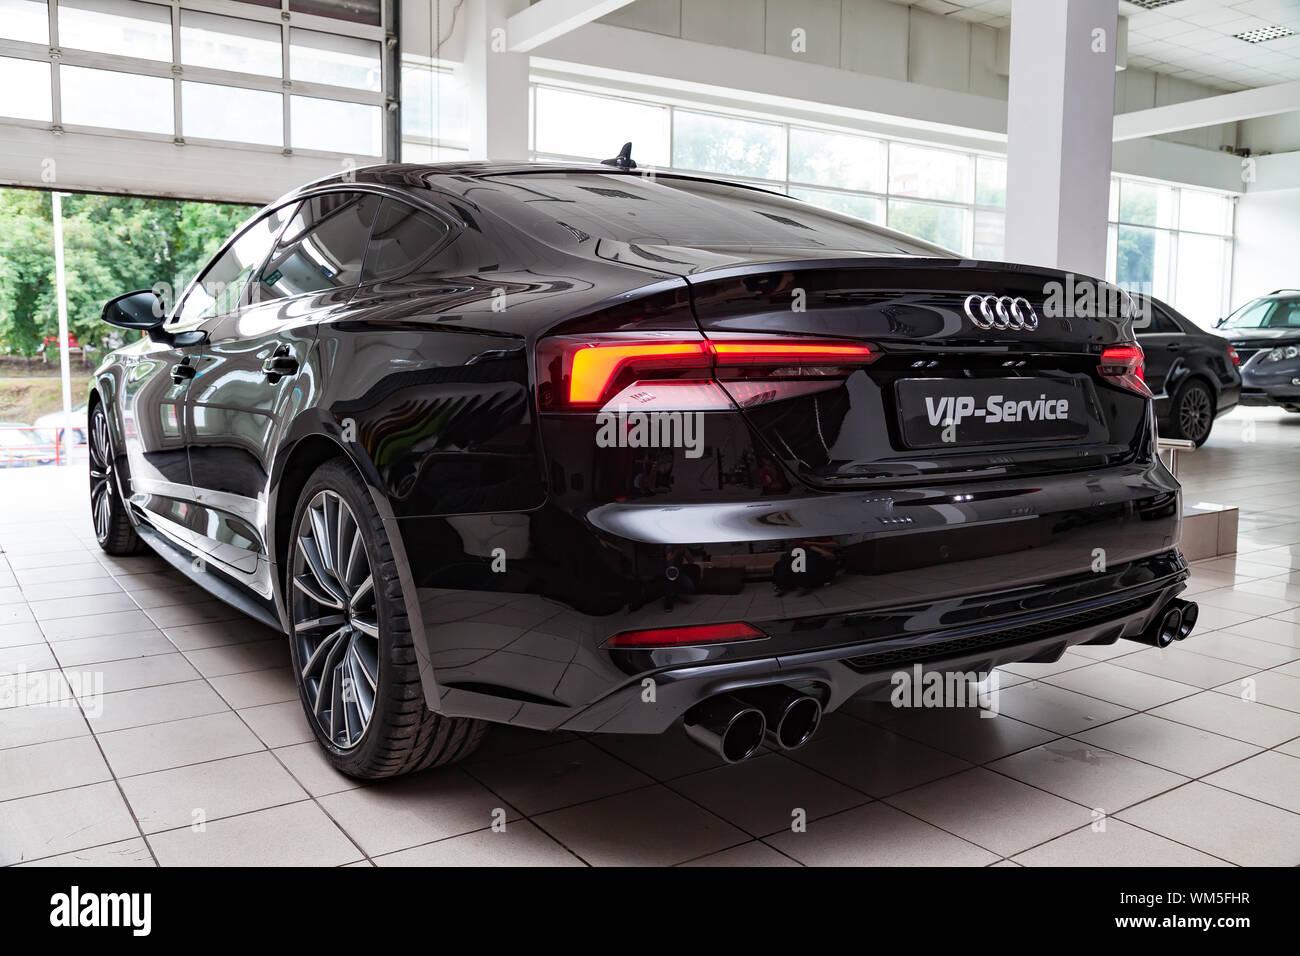 Kelebihan Kekurangan Audi A5 Sportback 2019 Spesifikasi